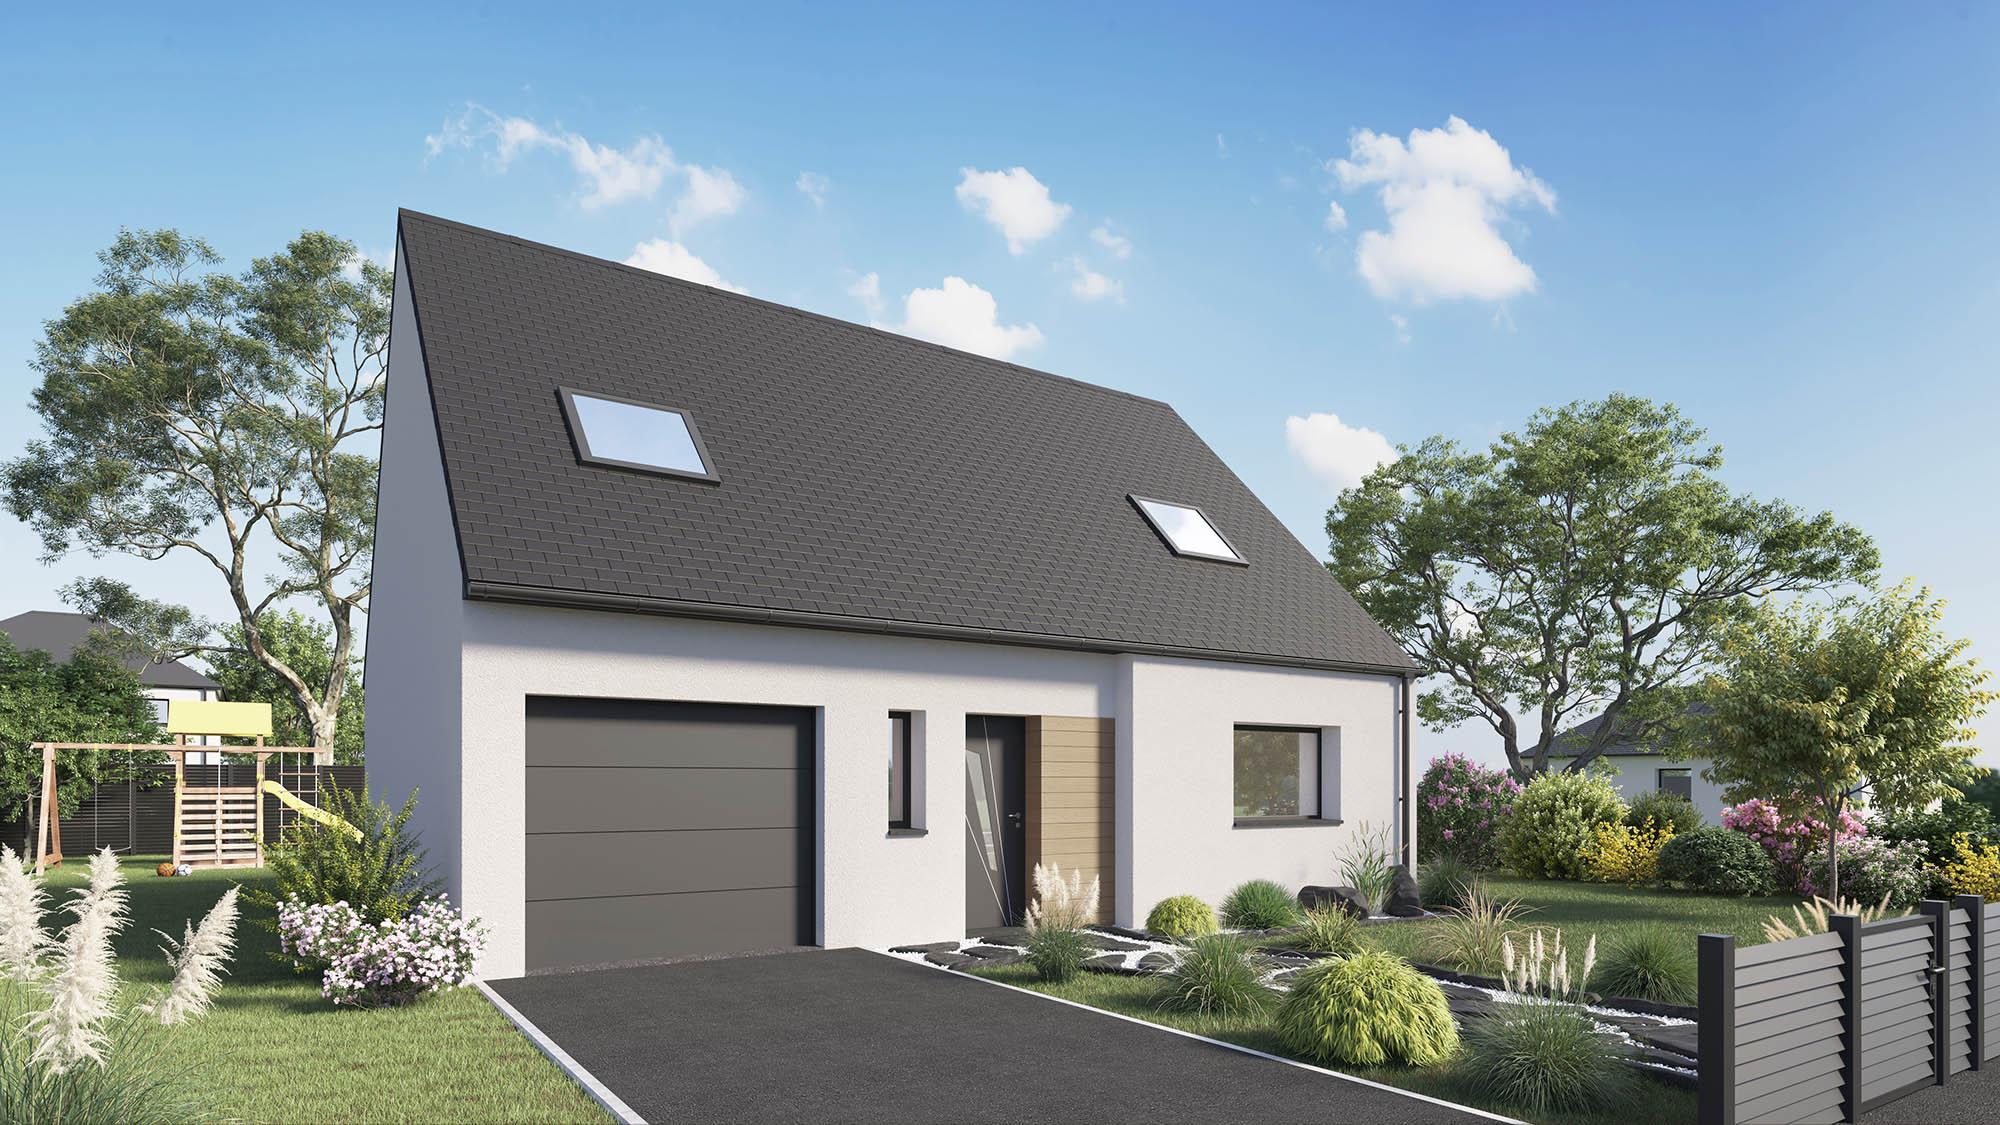 Votre maison + terrain à Ailly-sur-Noye  - 80250